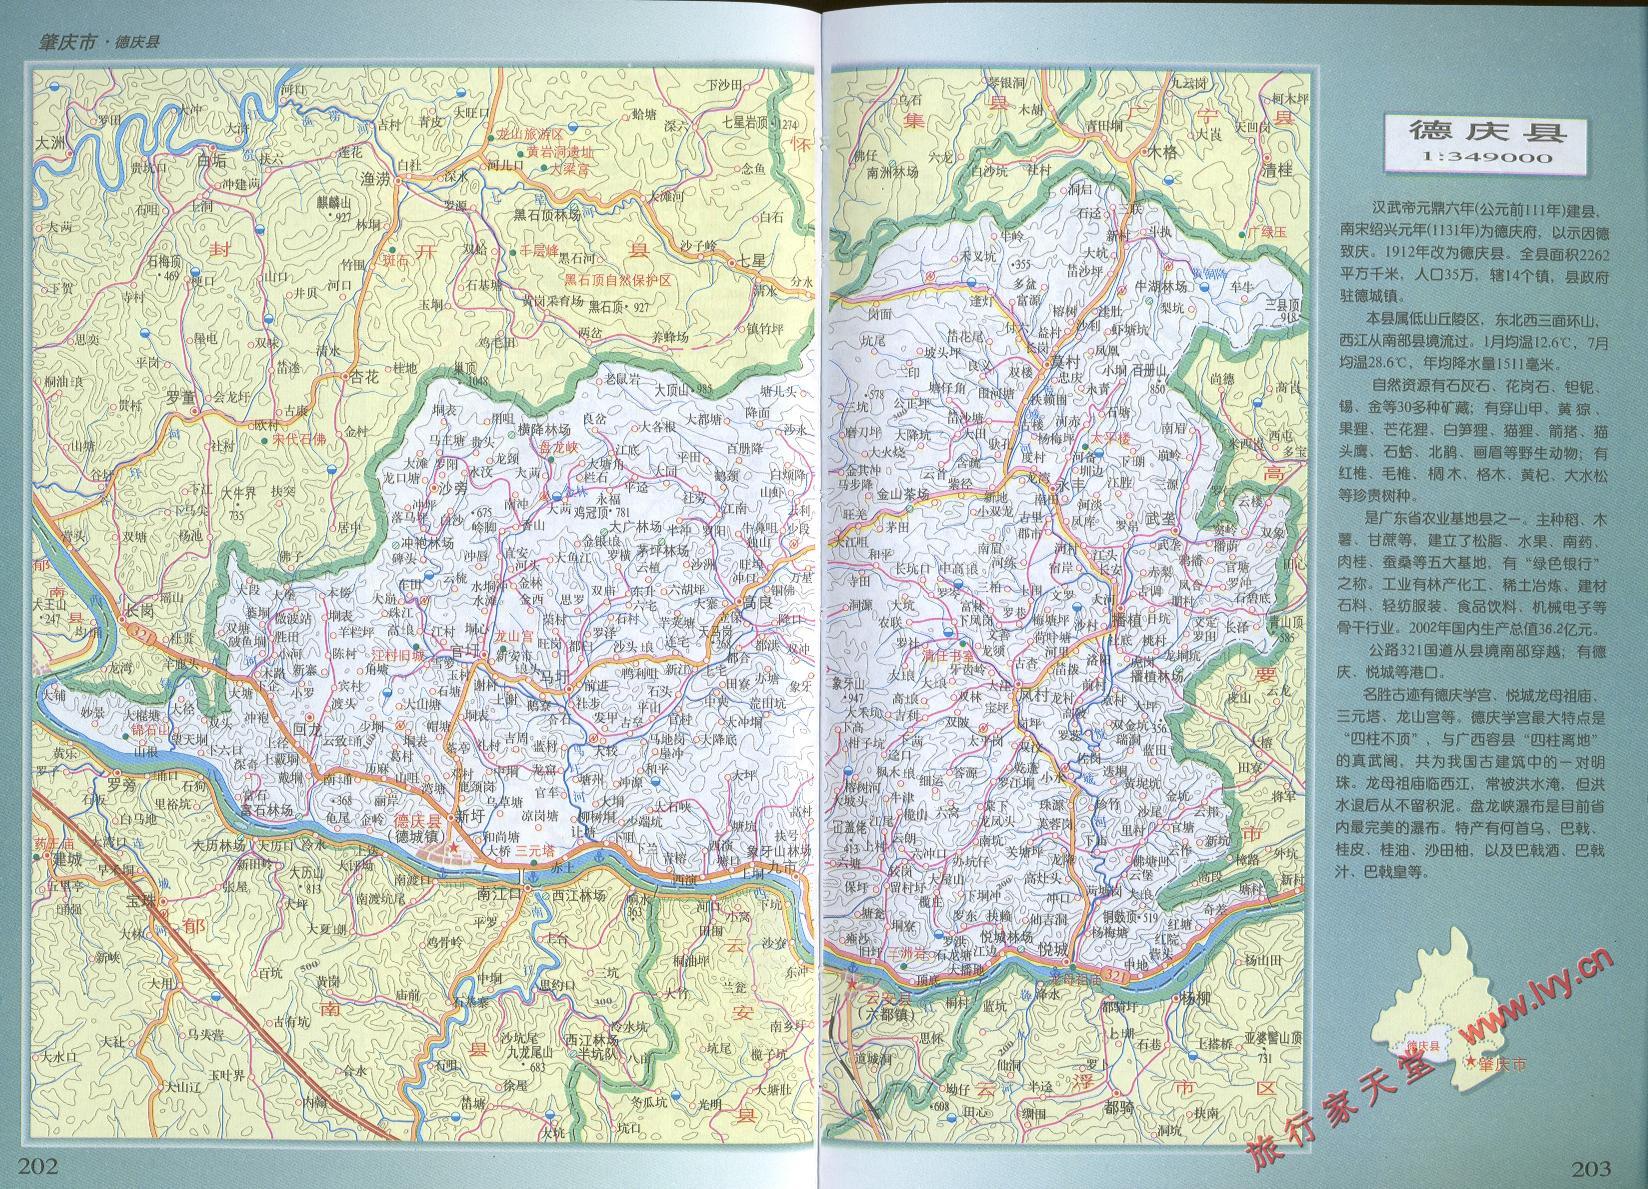 地图 肇庆/肇庆德庆县地图